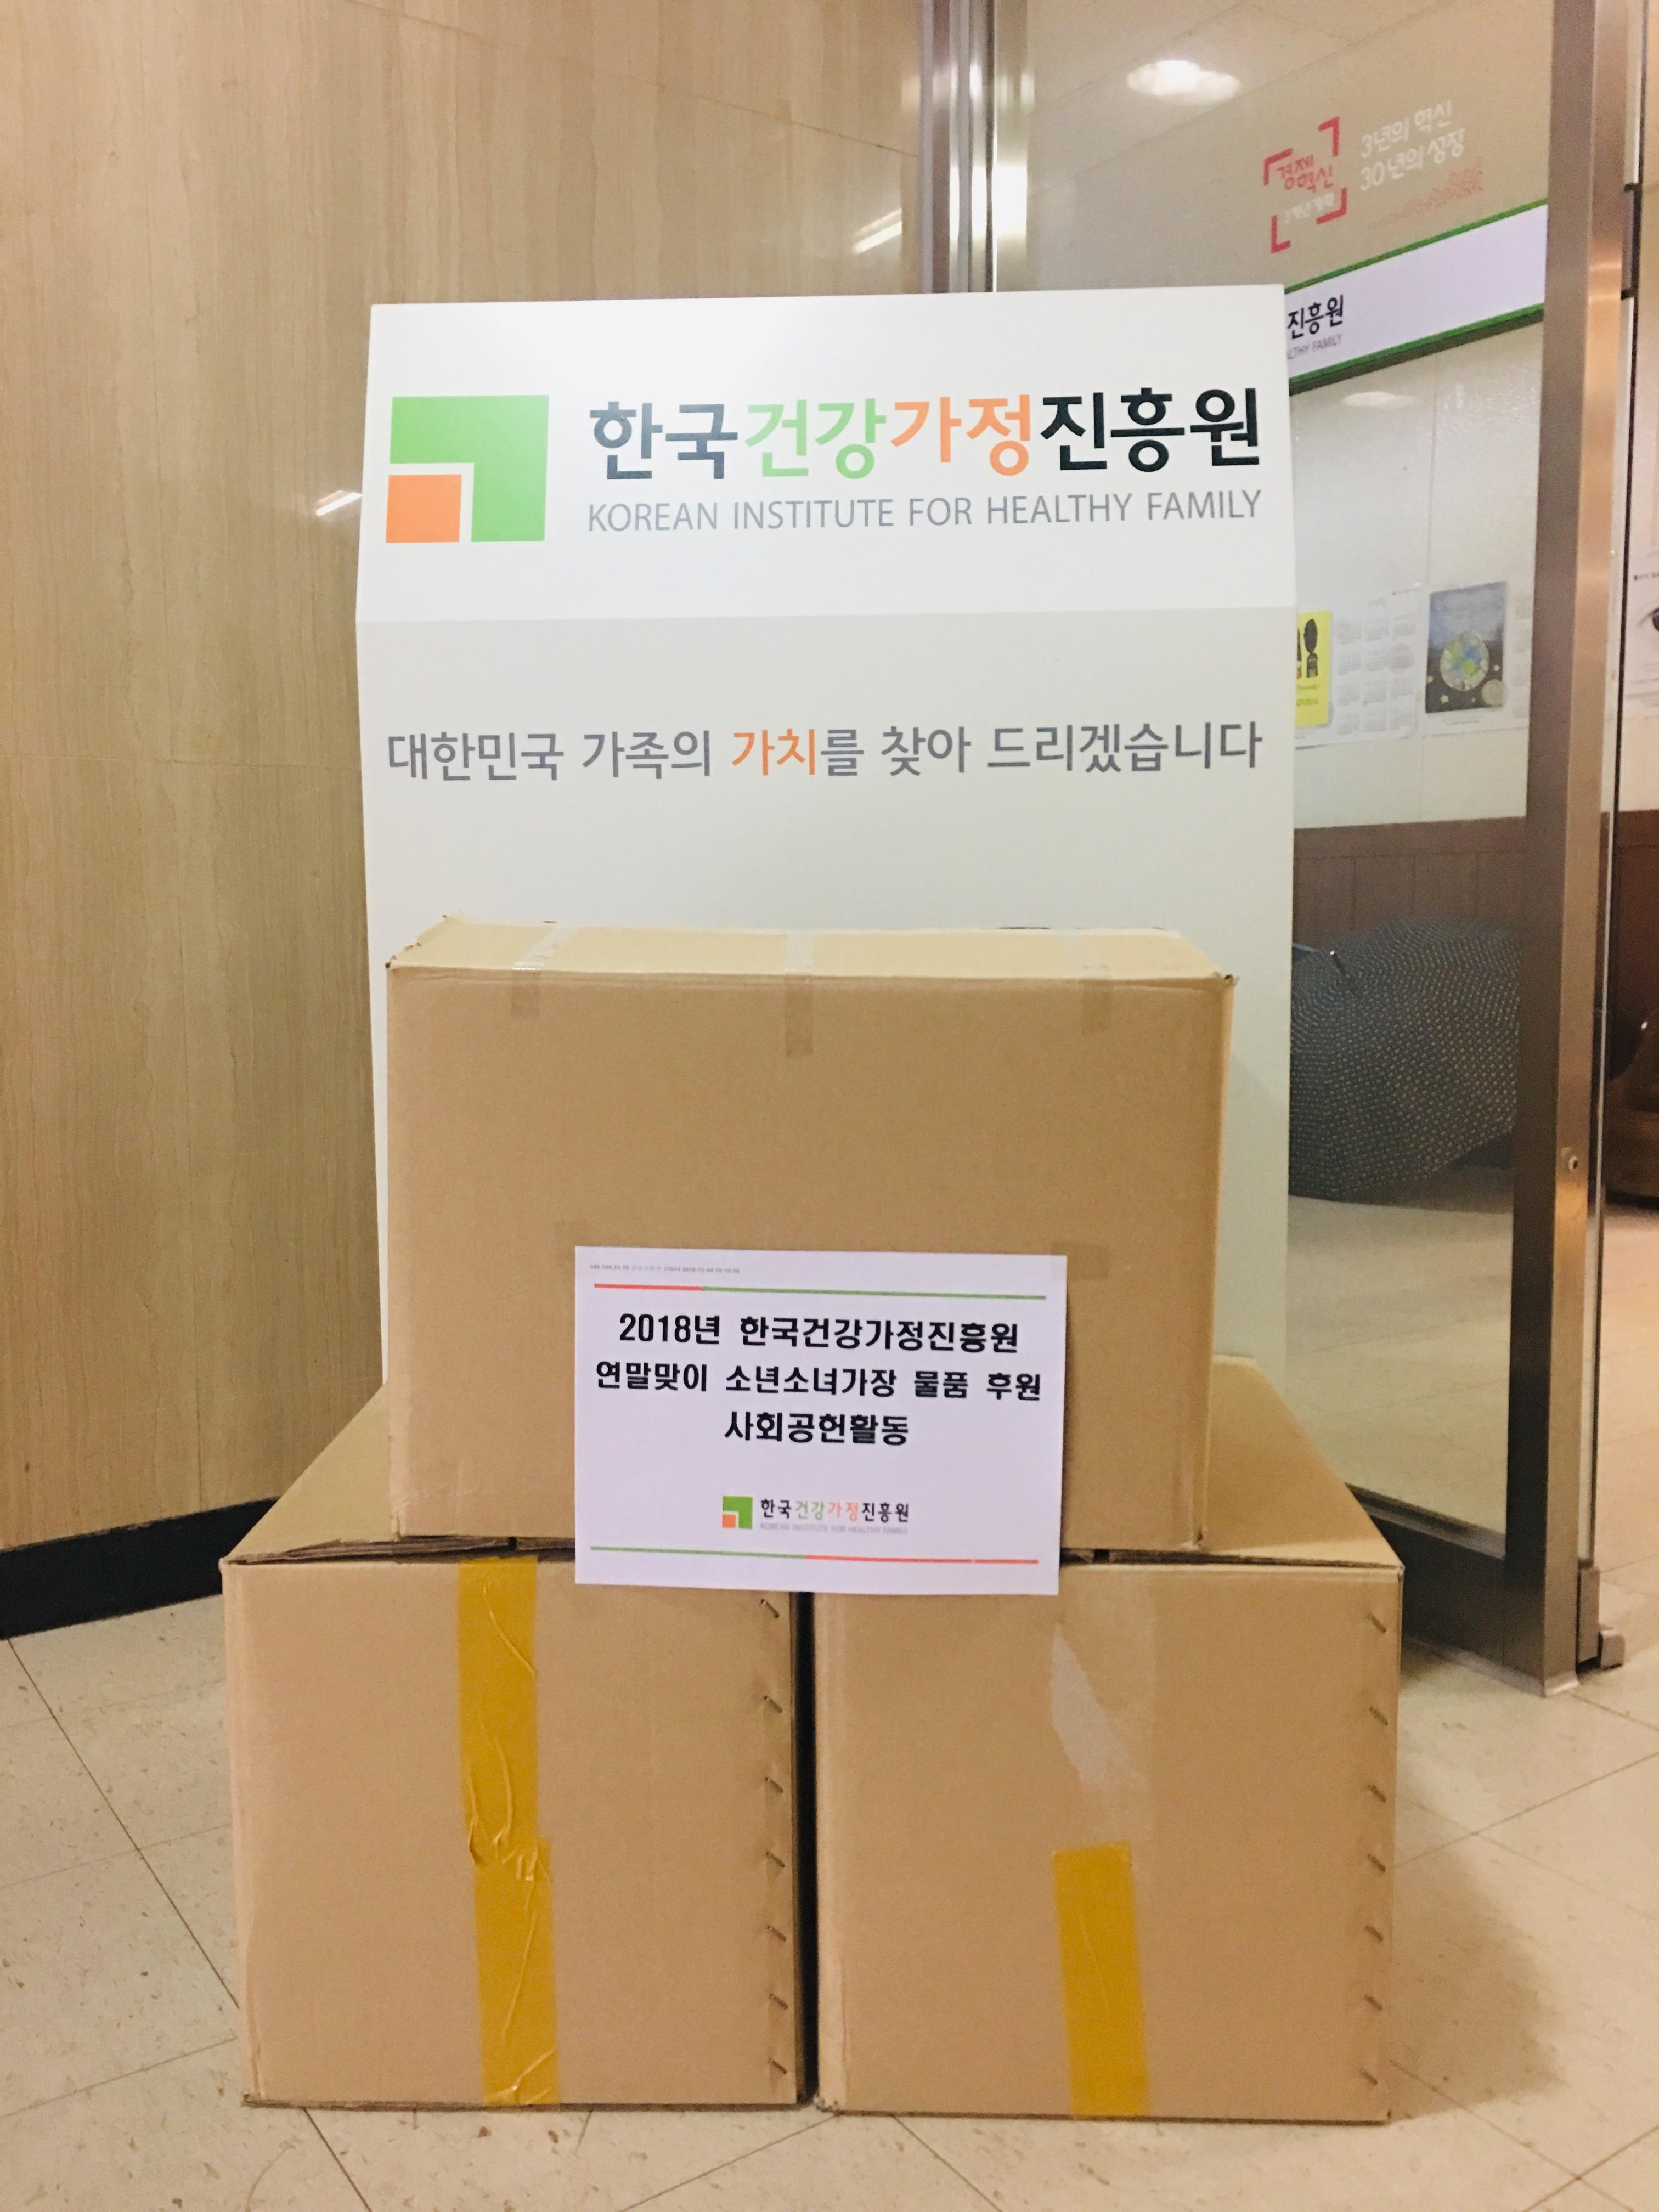 2018년 한국건강가정진흥원 연말맞이 사회공헌활동_1